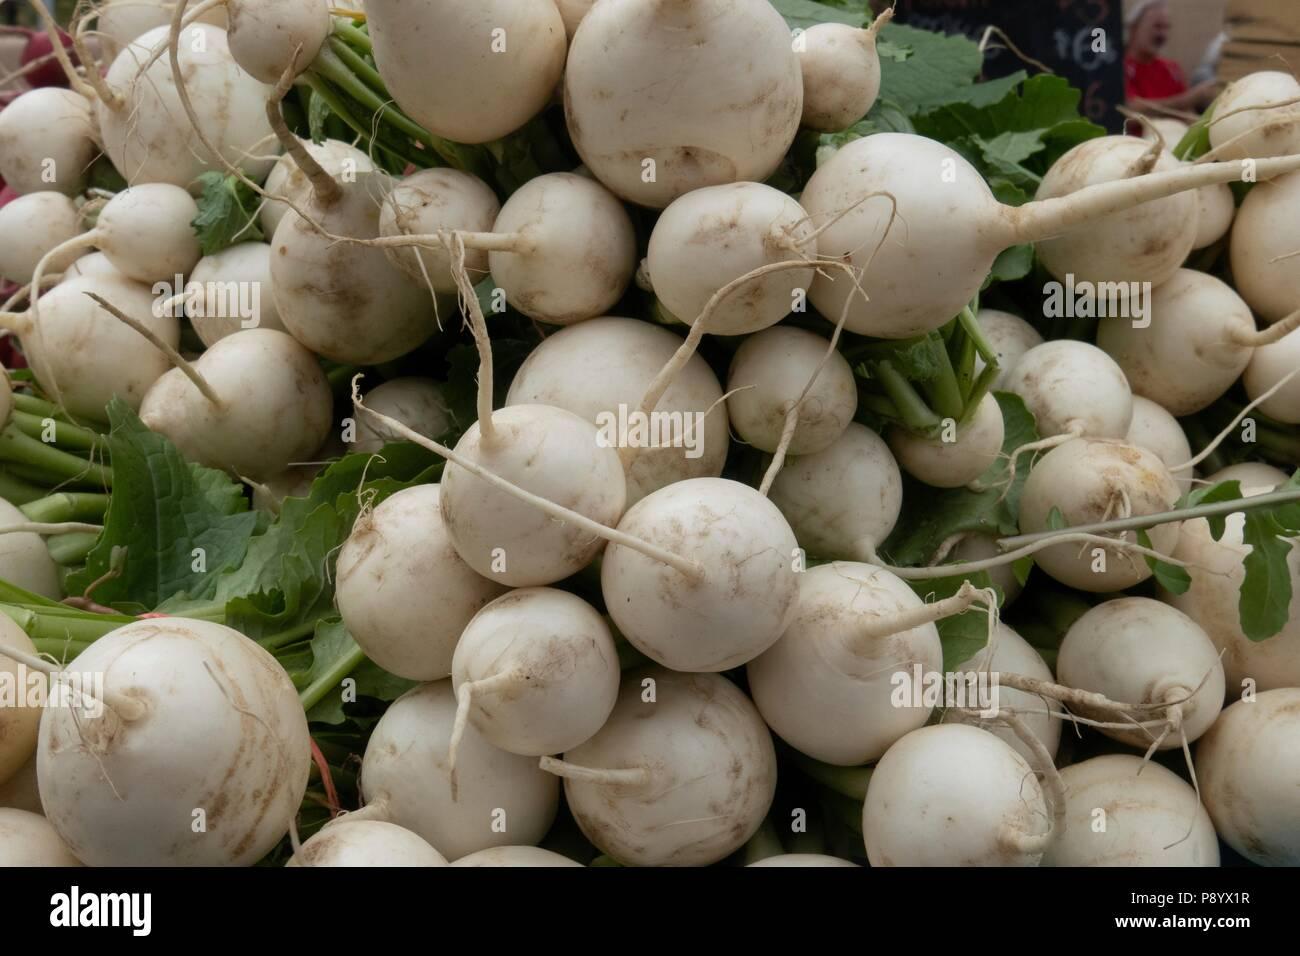 Ancora la vita di grappoli di rape organico per la vendita in un mercato degli agricoltori Immagini Stock